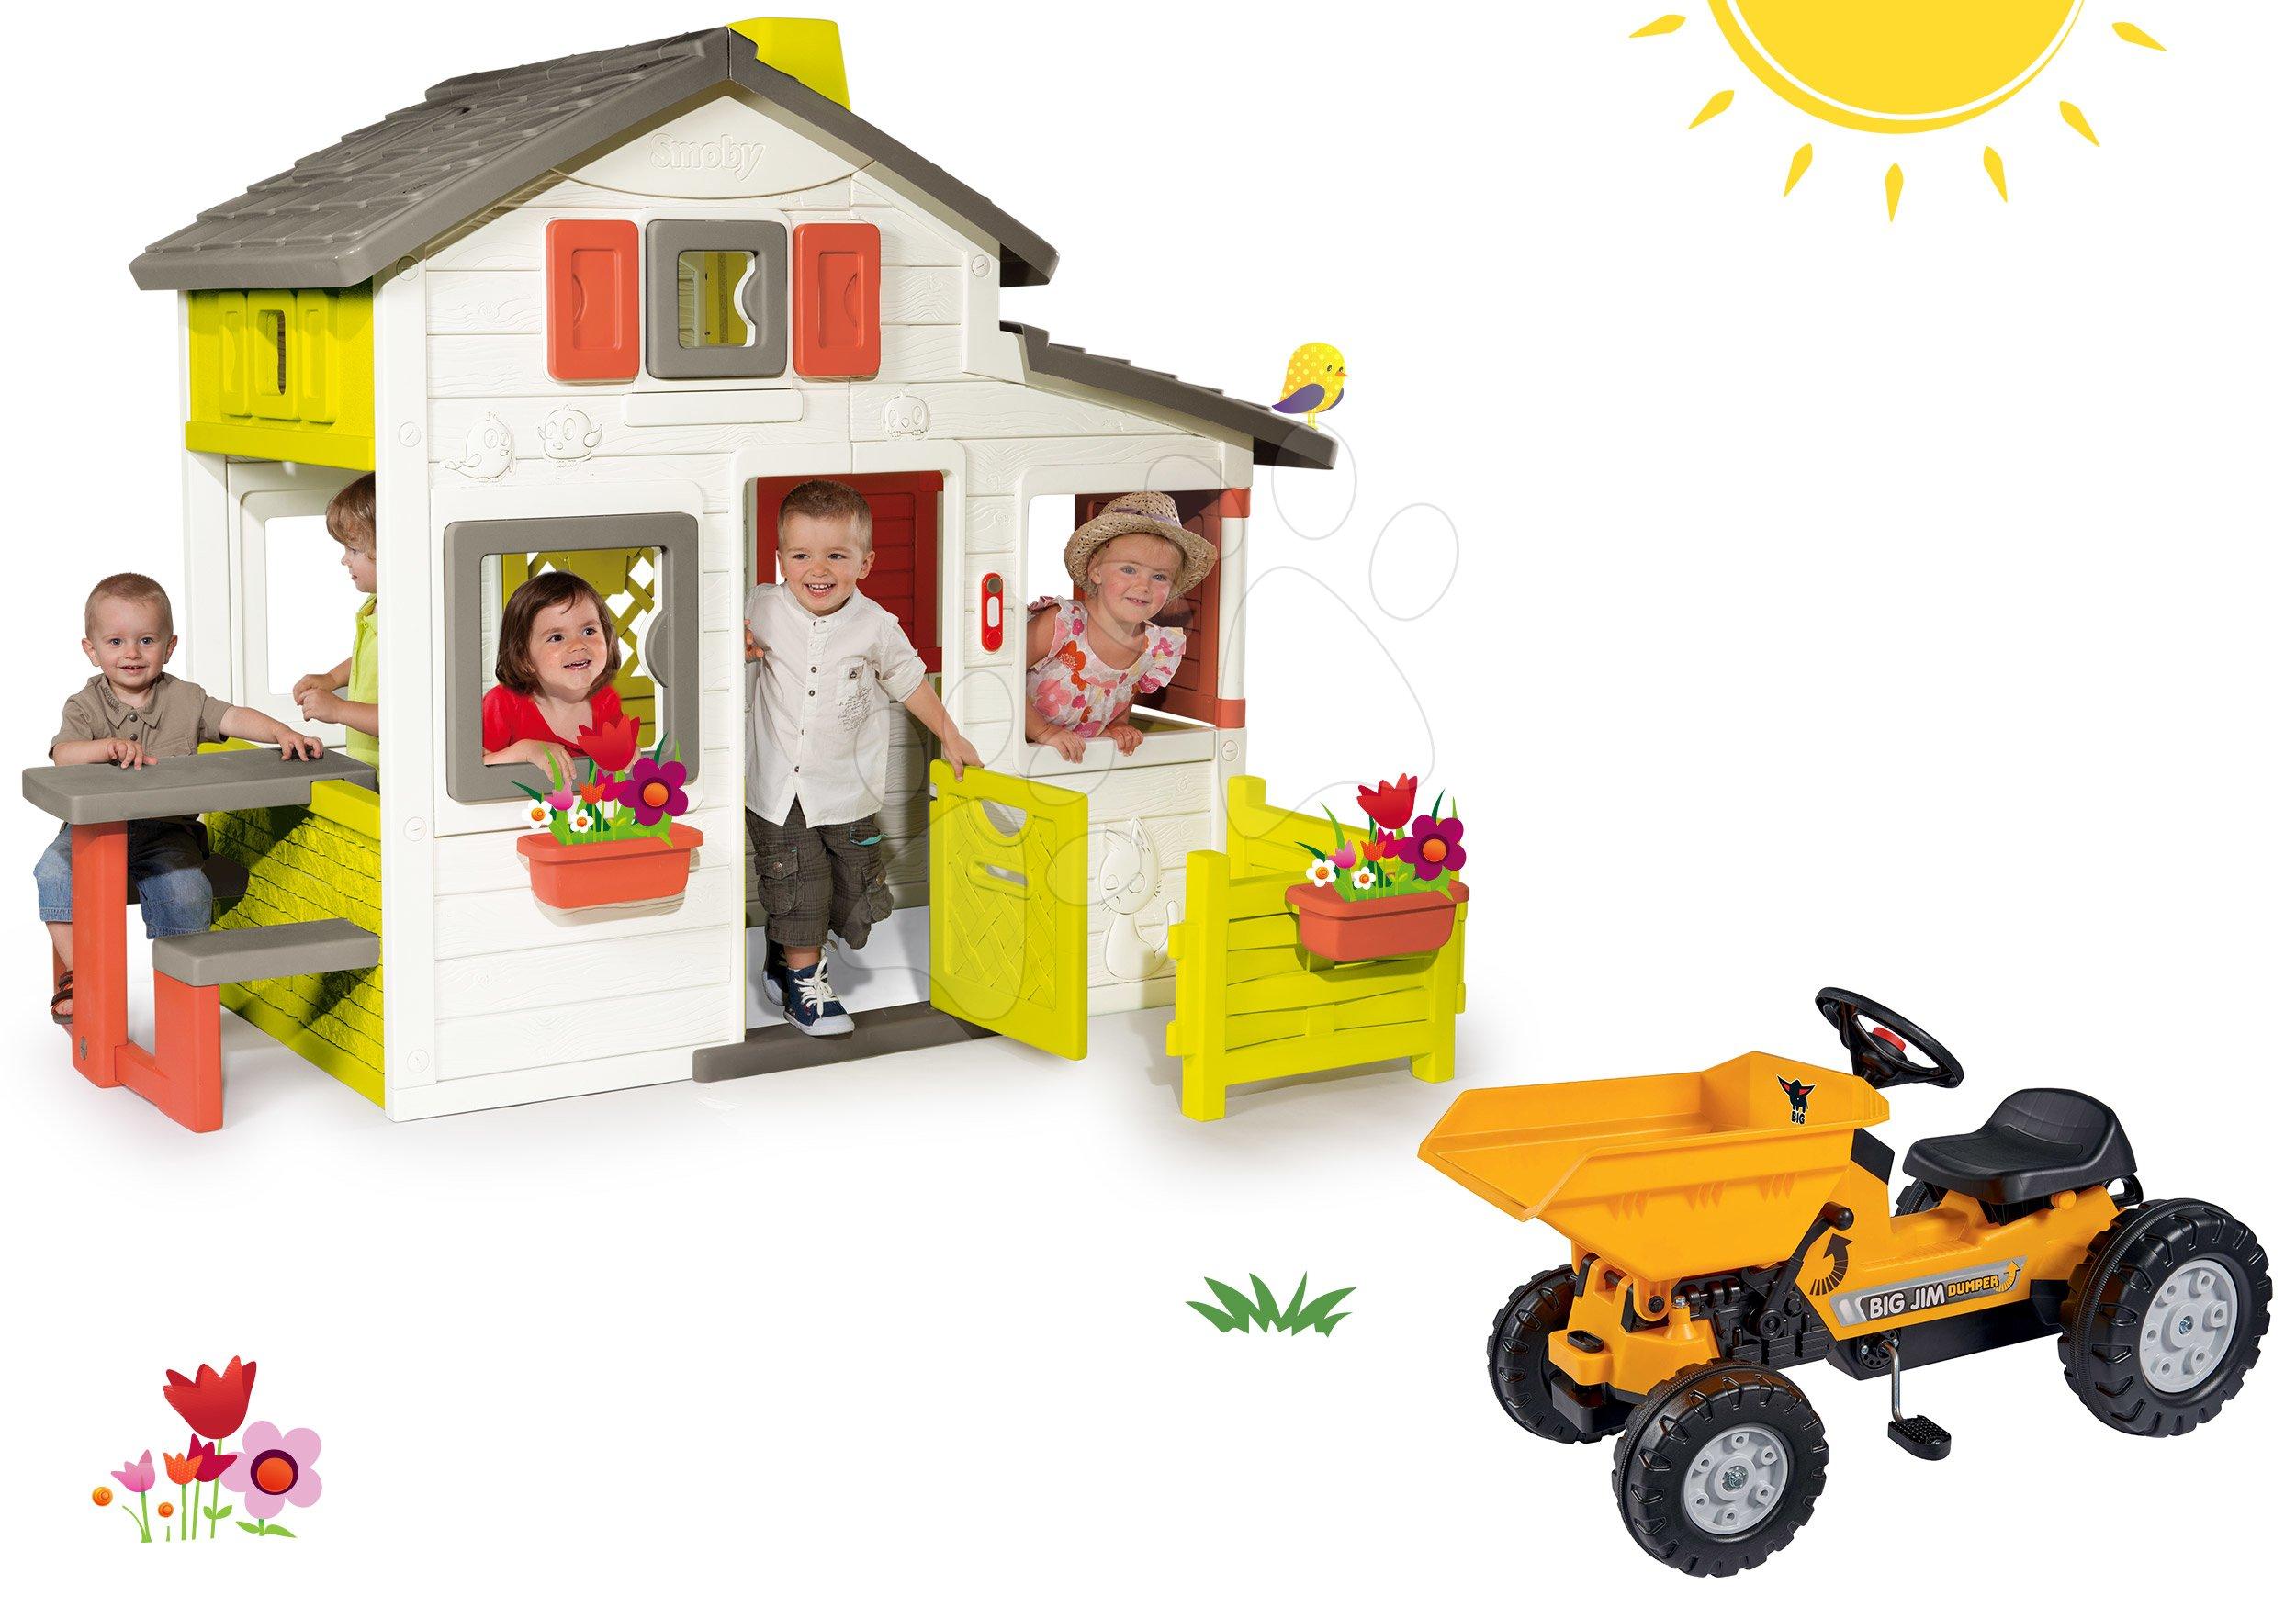 Szett házikó Barátok Smoby kiskerttel és pedálos traktor Jim Dumper billenőplatóval